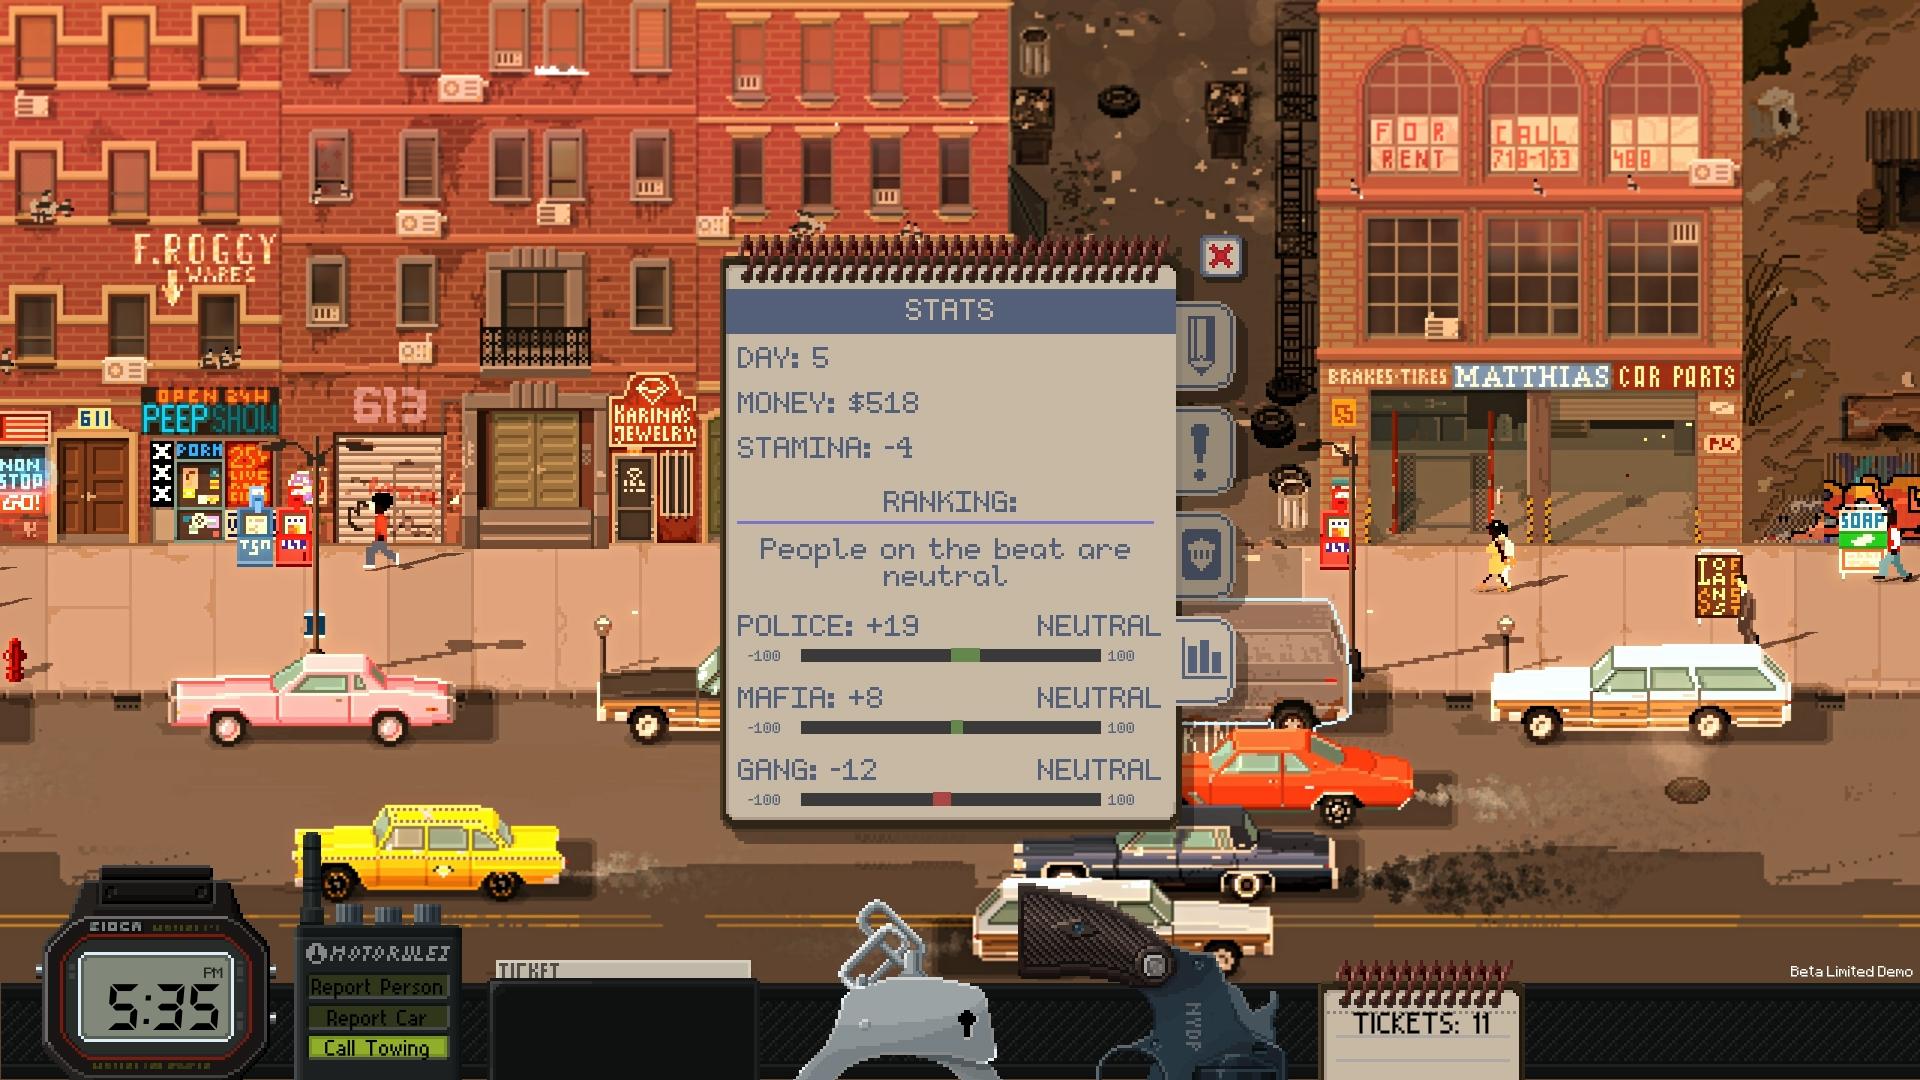 Beat the boss 2 скачать на андроид скачать.